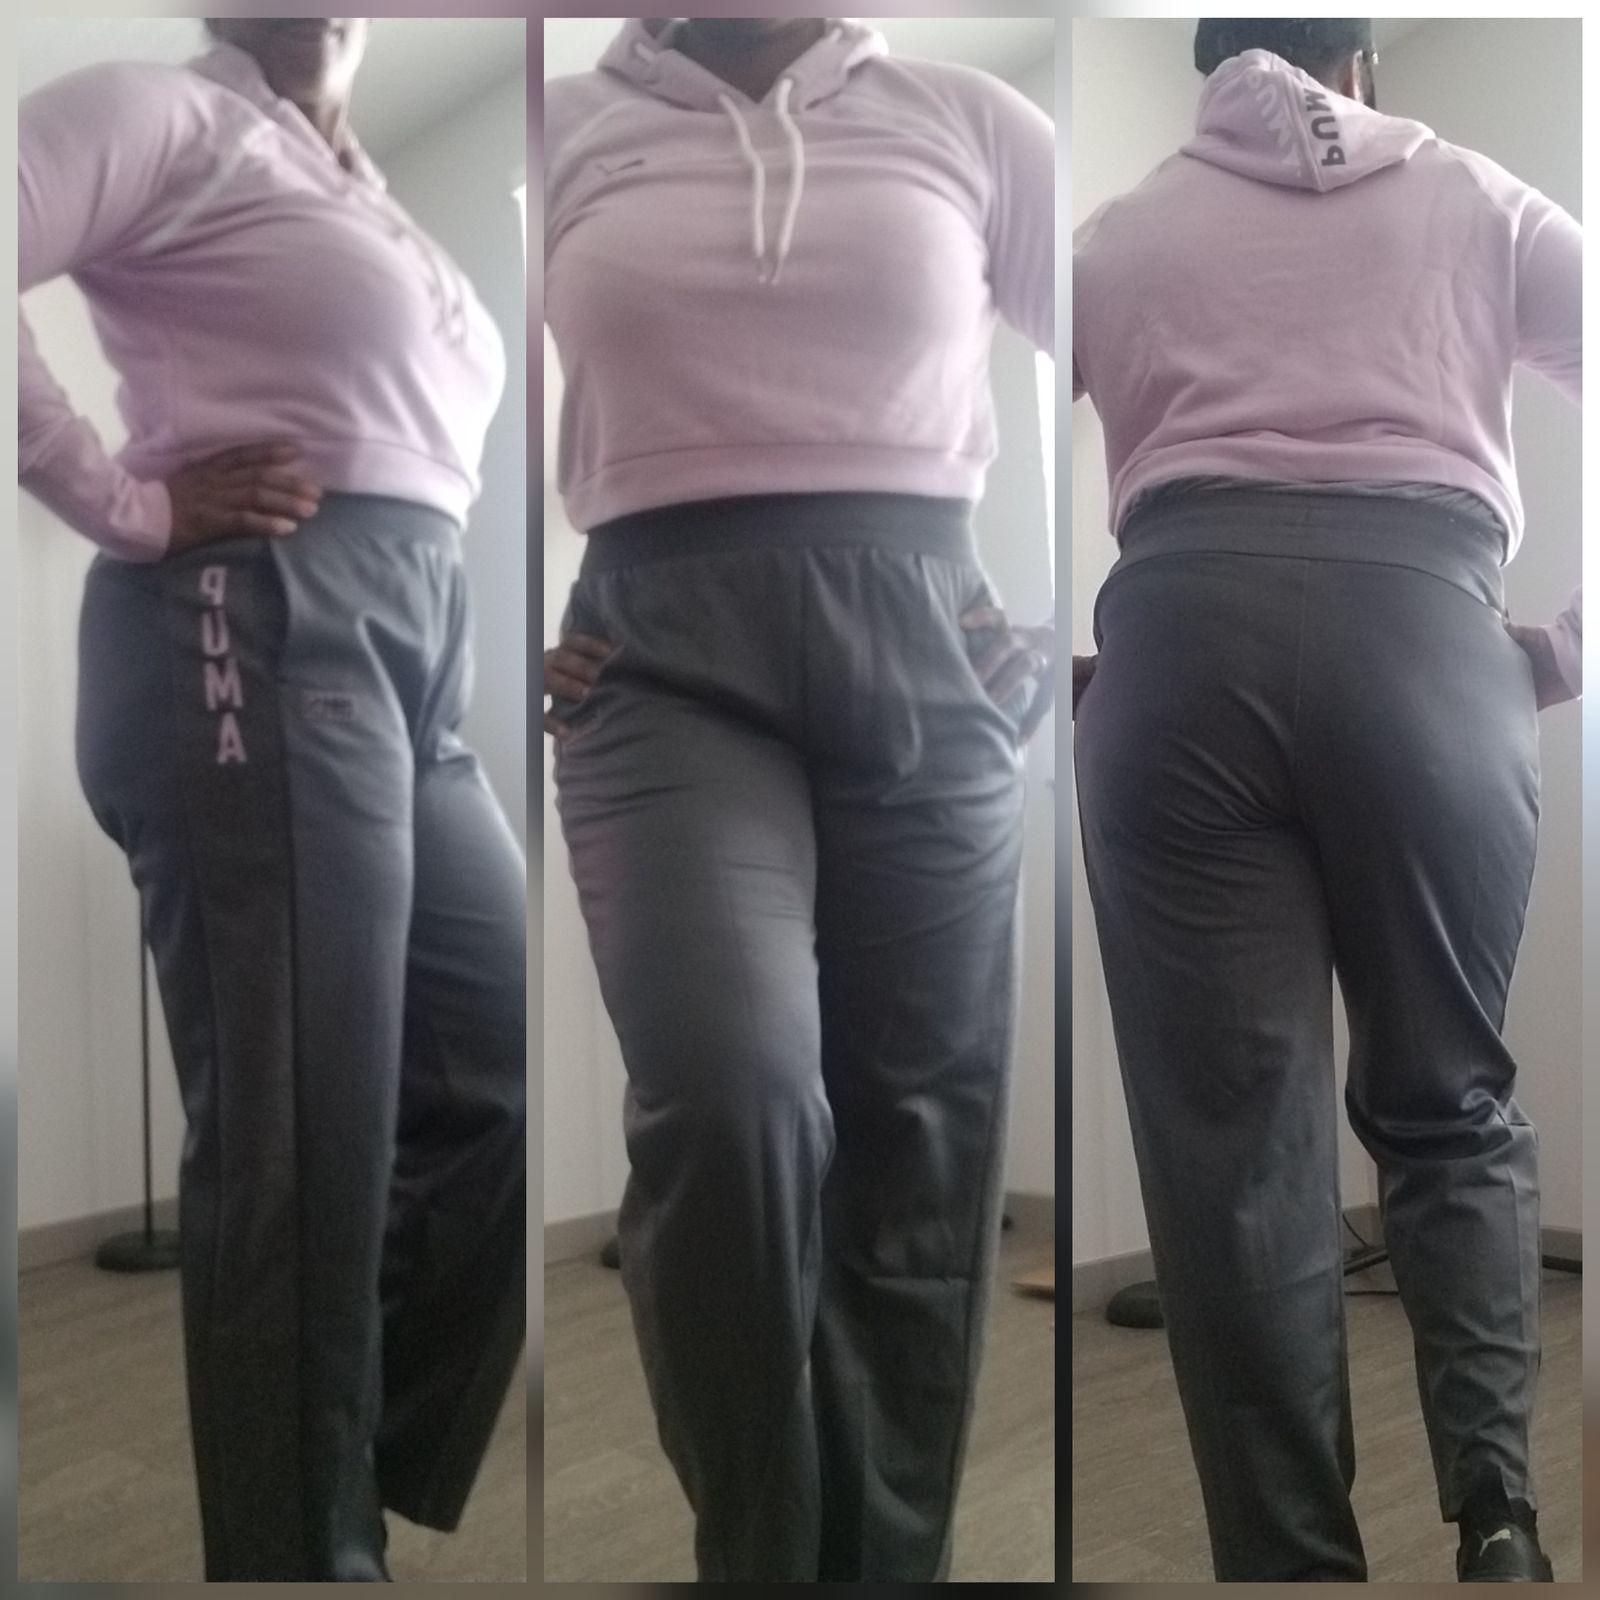 b54de112f PUMA Women's Fusion Sweatpants – Proozy